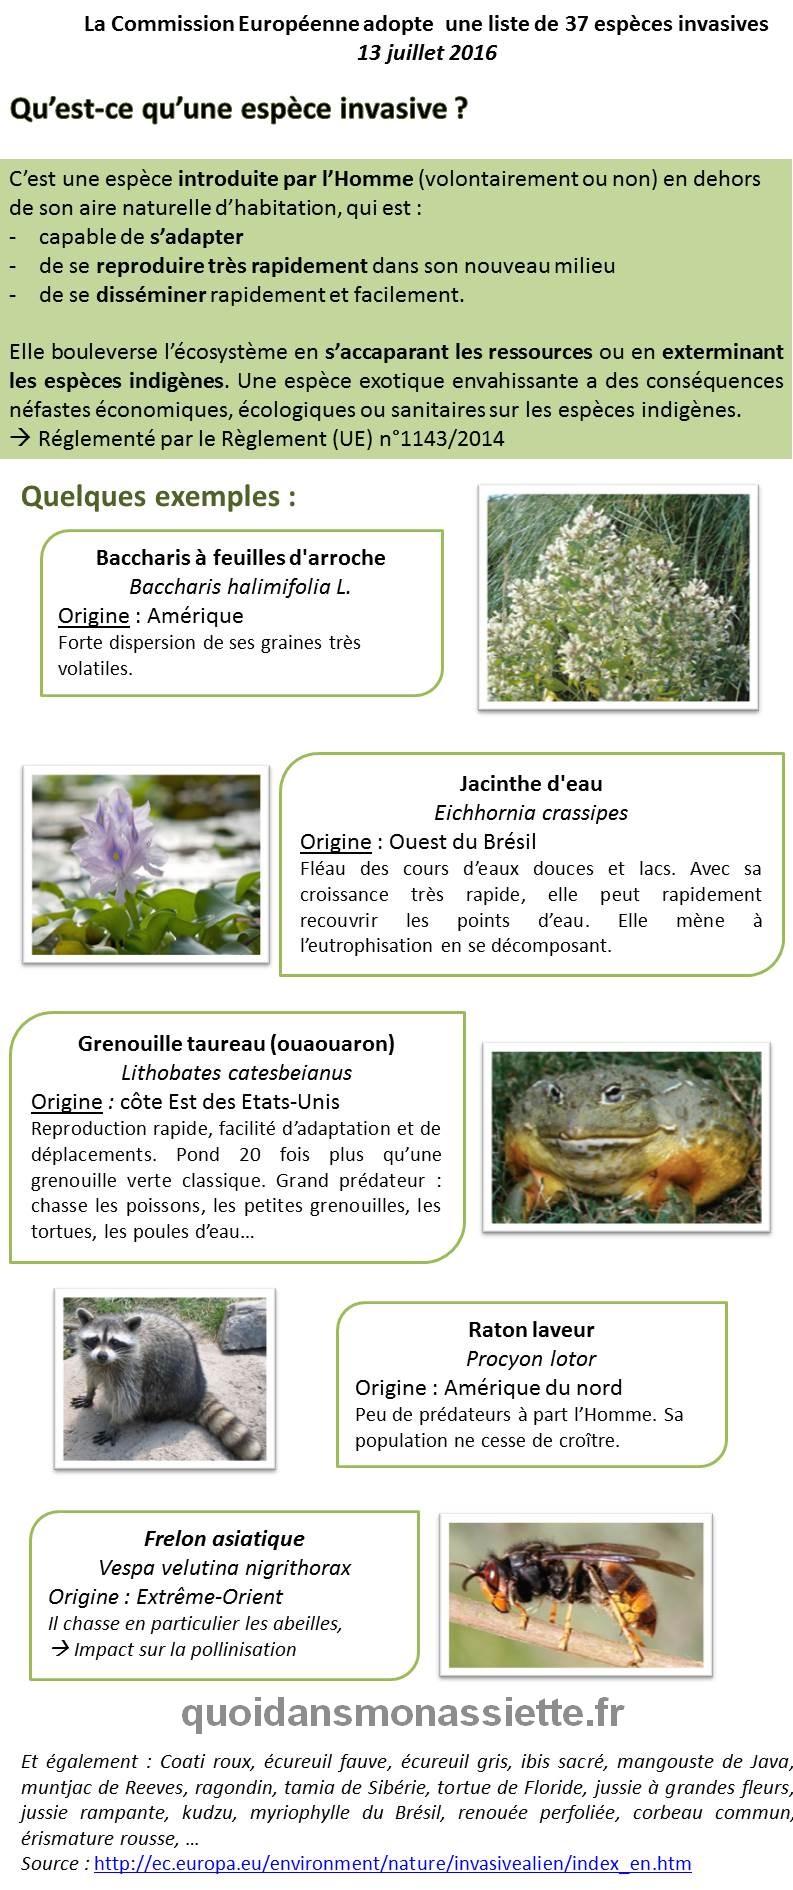 37 espèce invasives commission européenne liste lutte